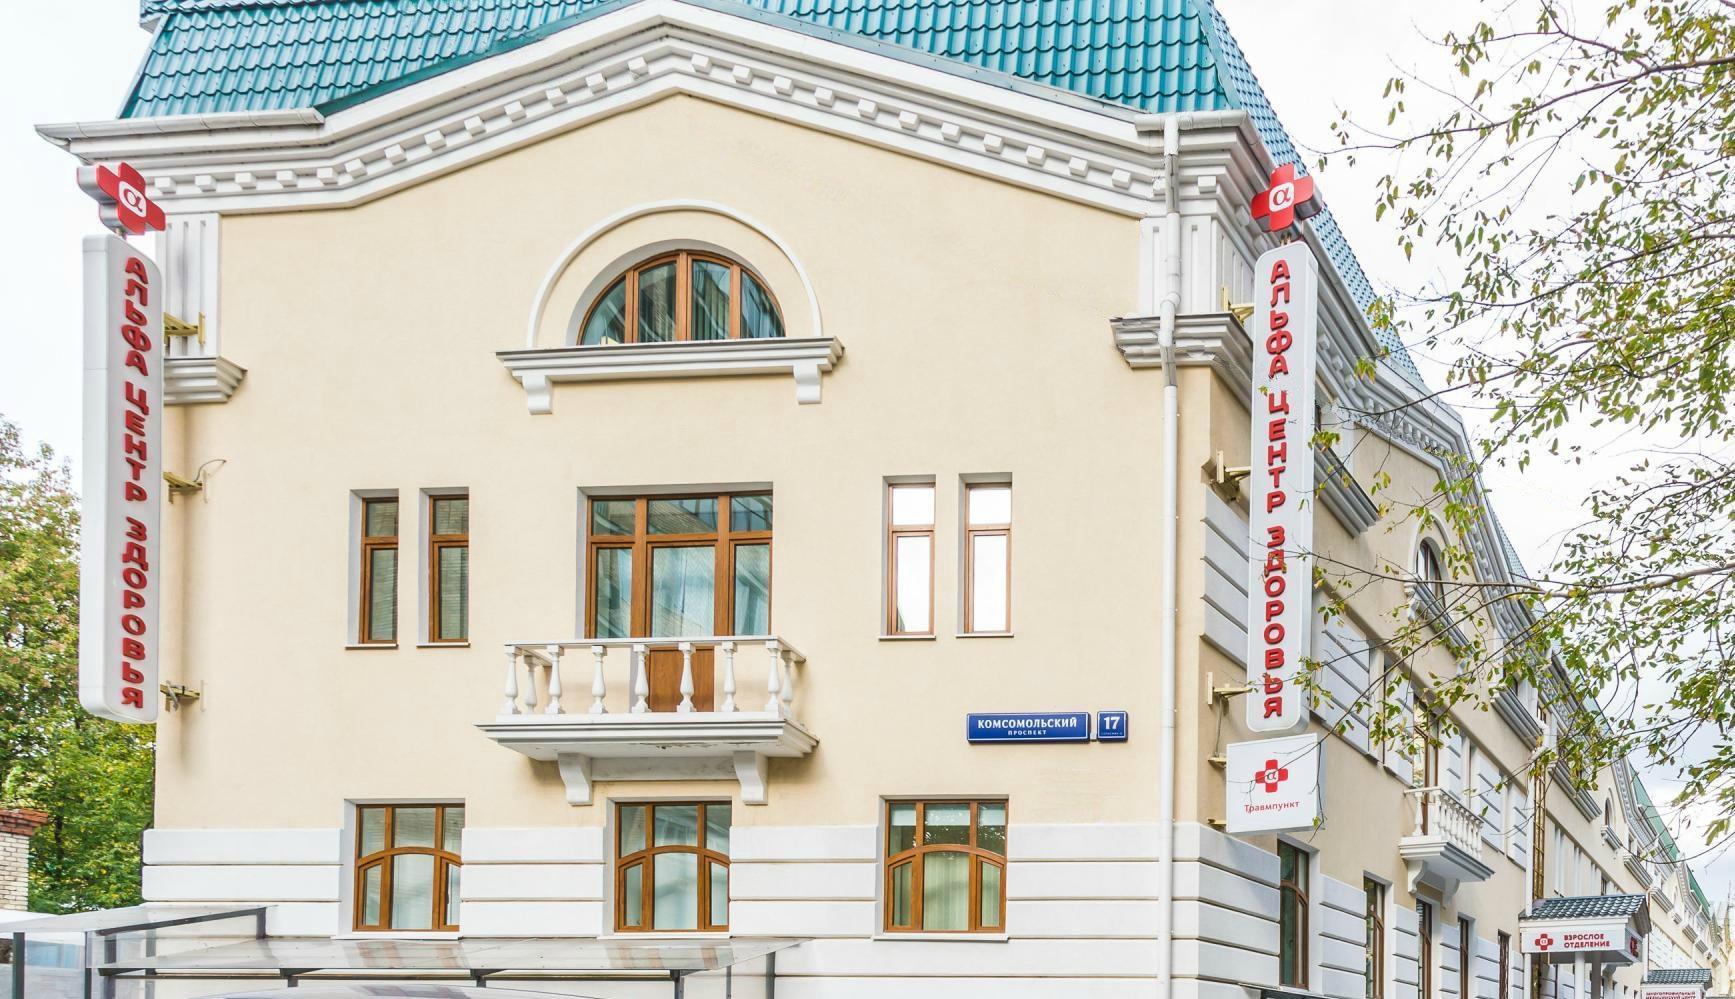 фотография Многопрофильной клиники Альфа-Центр Здоровья на Комсомольском проспекте